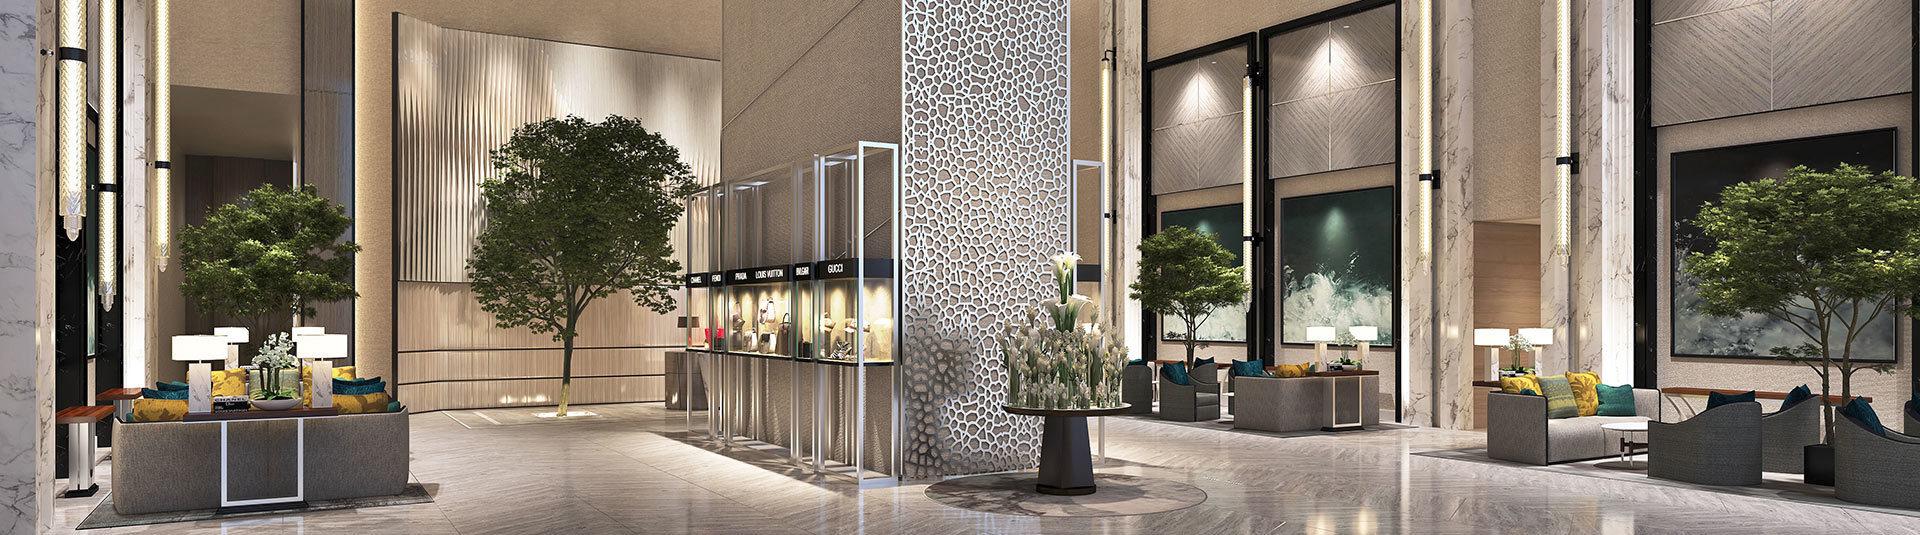 ذا ادريس ريزيدنس فاونت فيوز من إعمار في وسط مدينة دبي